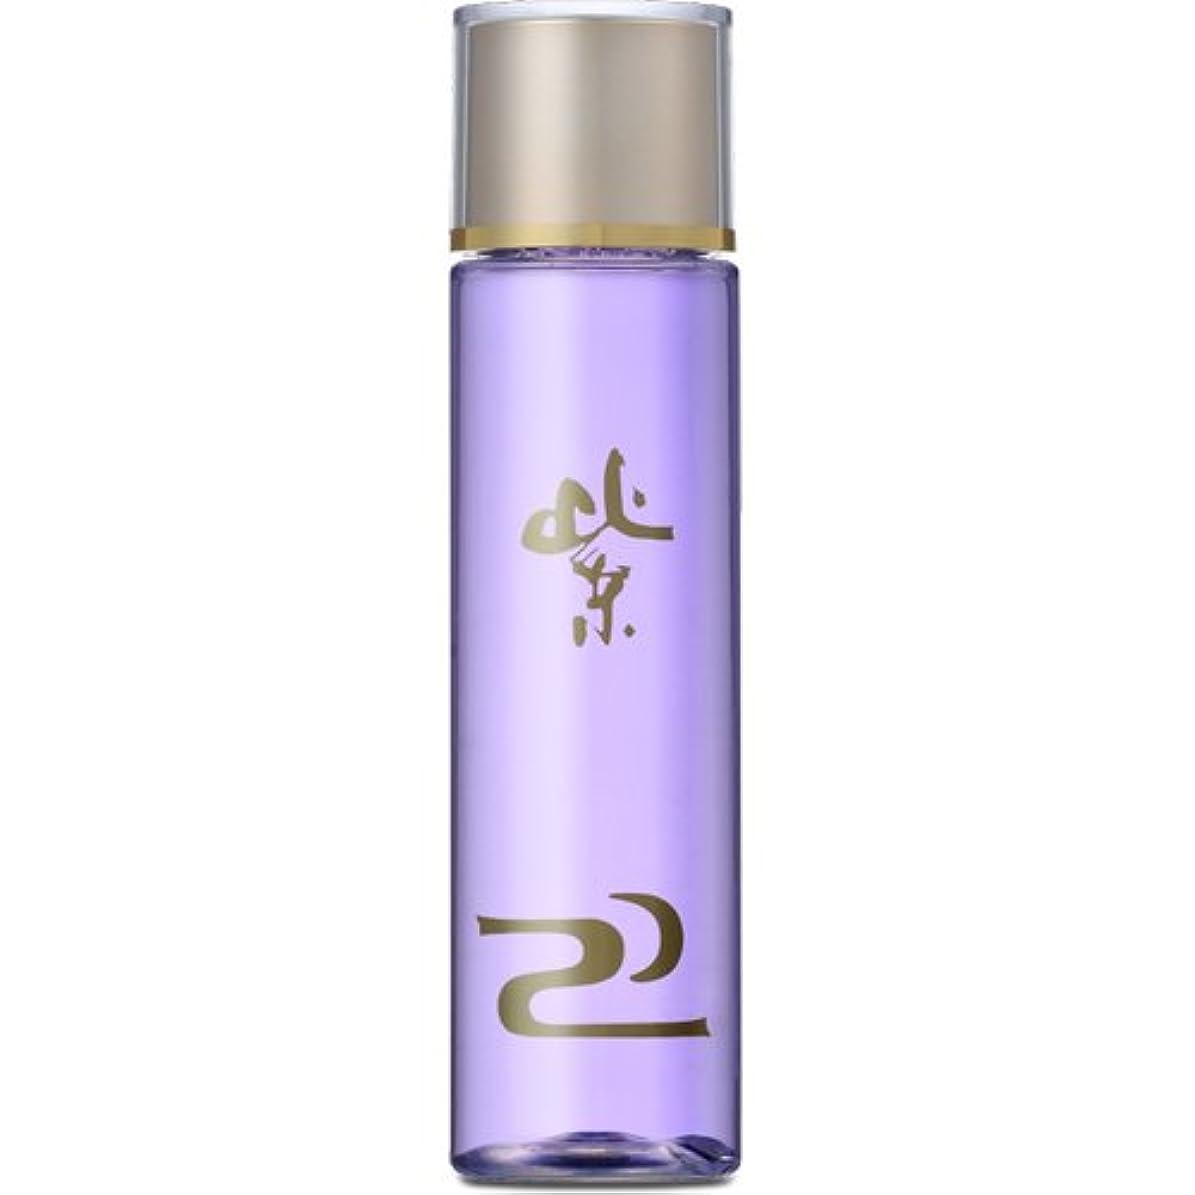 予報味わう眠りホワイトリリー WL紫 120mL 化粧水